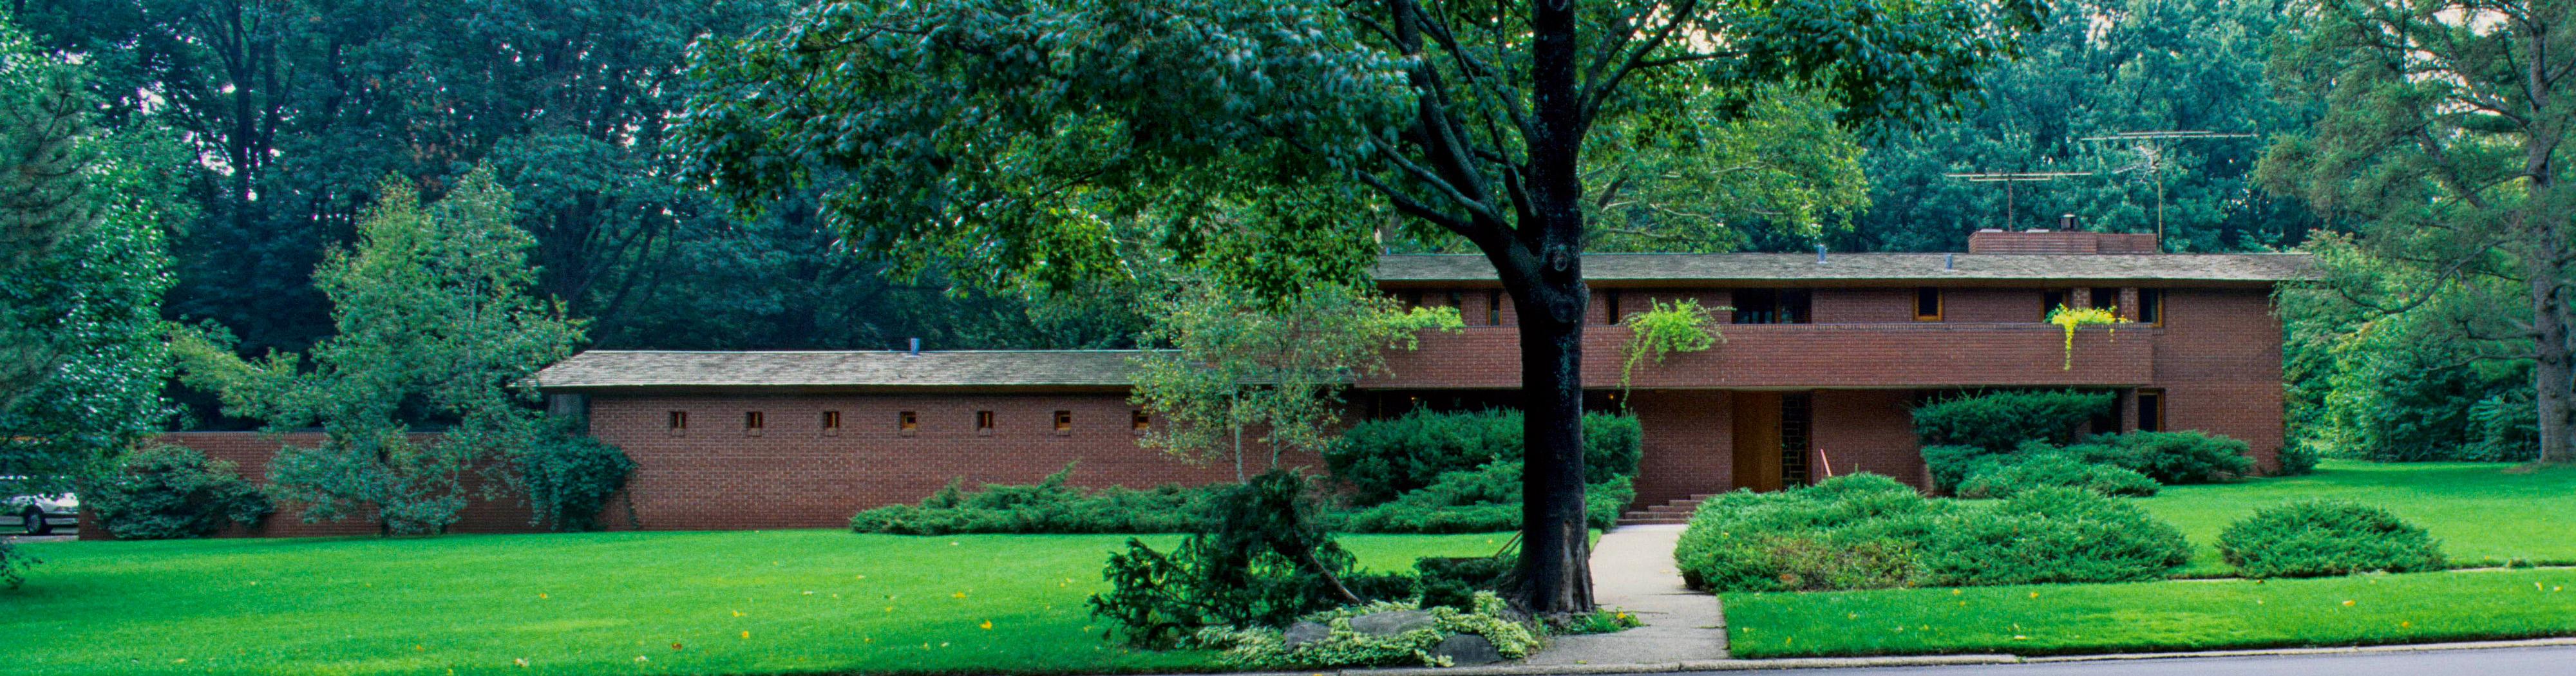 フランク・ロイド・ライト大きなユーソニアン・ハウスMossberg邸(1948年)